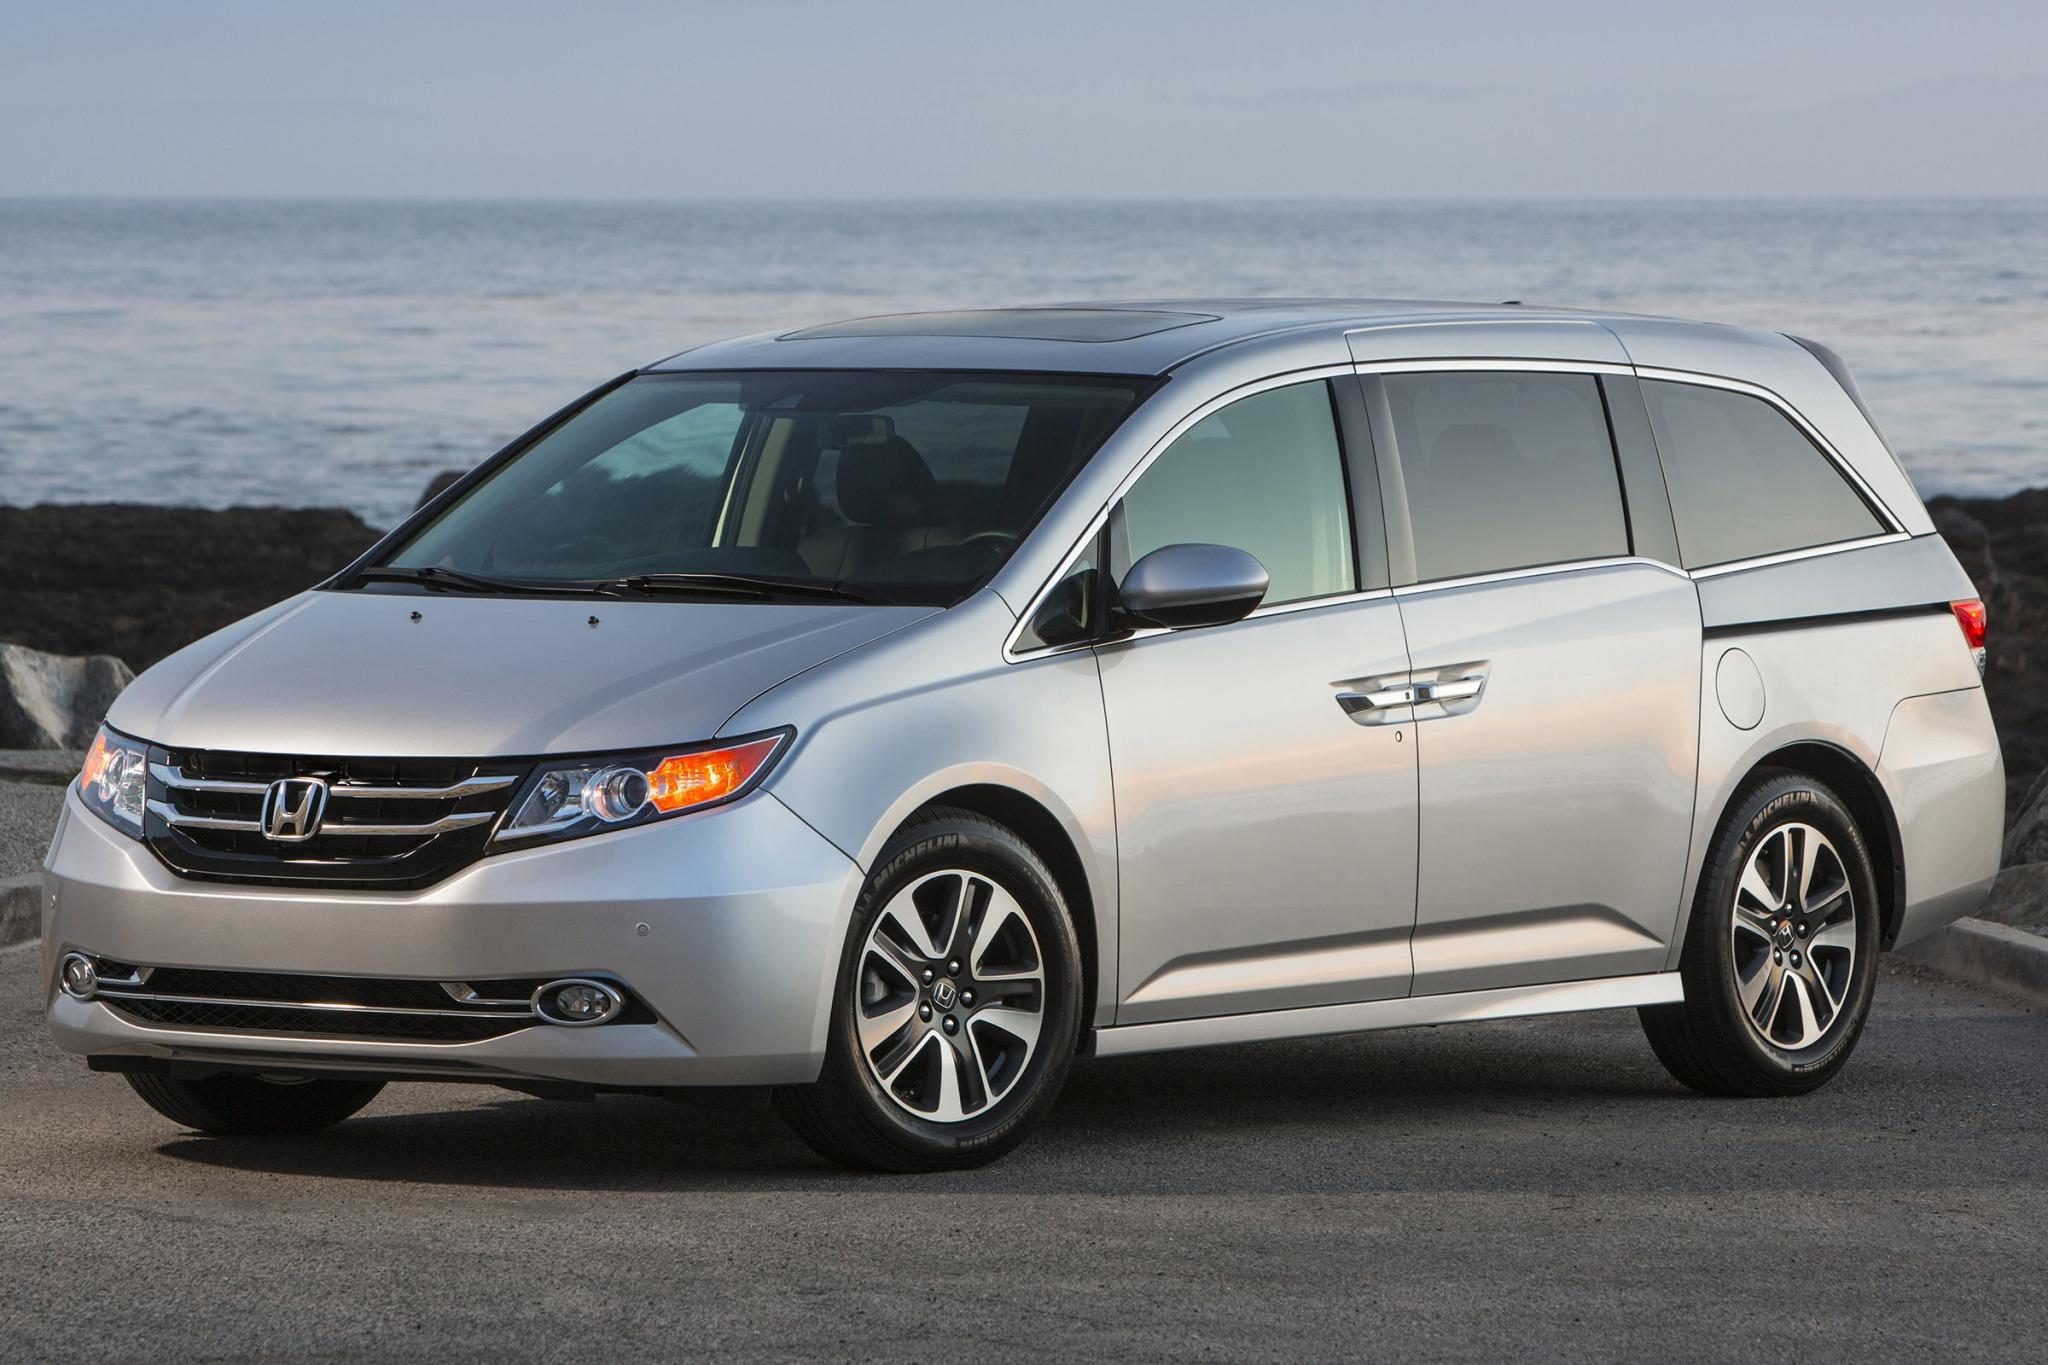 2016 honda odyssey passenger minivan touring elite fq oem 1 2048